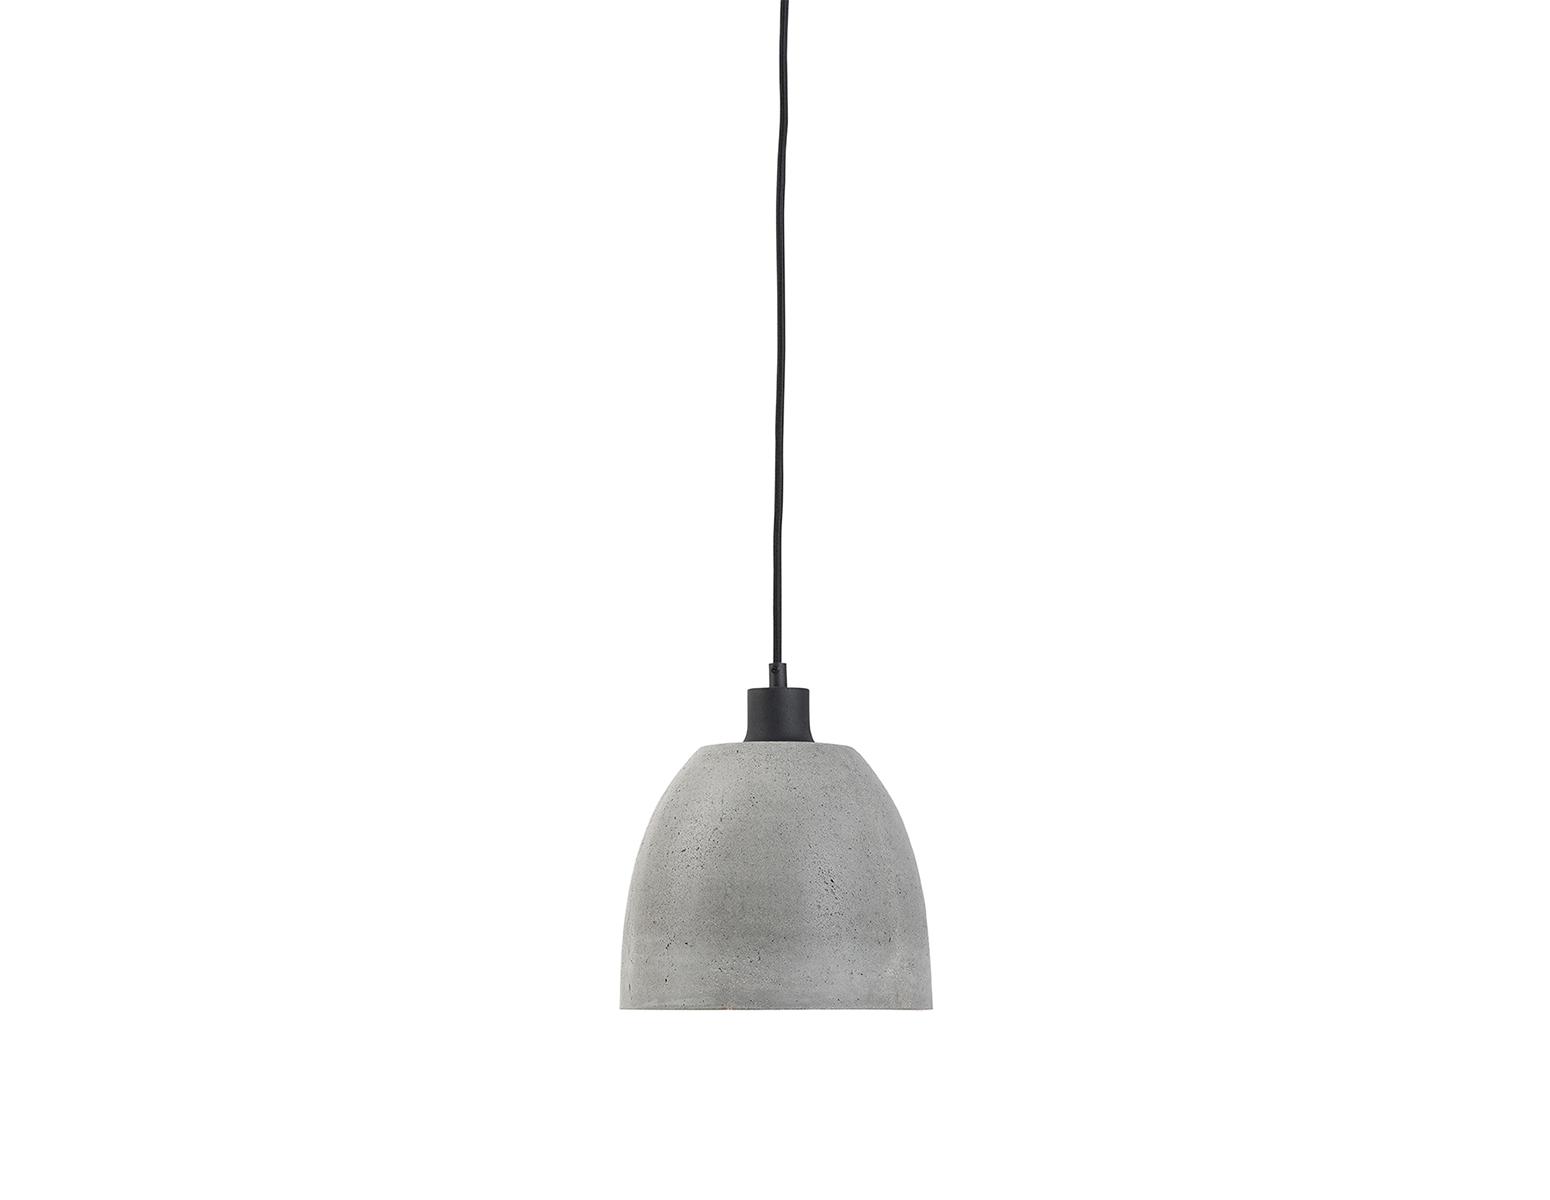 Hanglamp beton klein